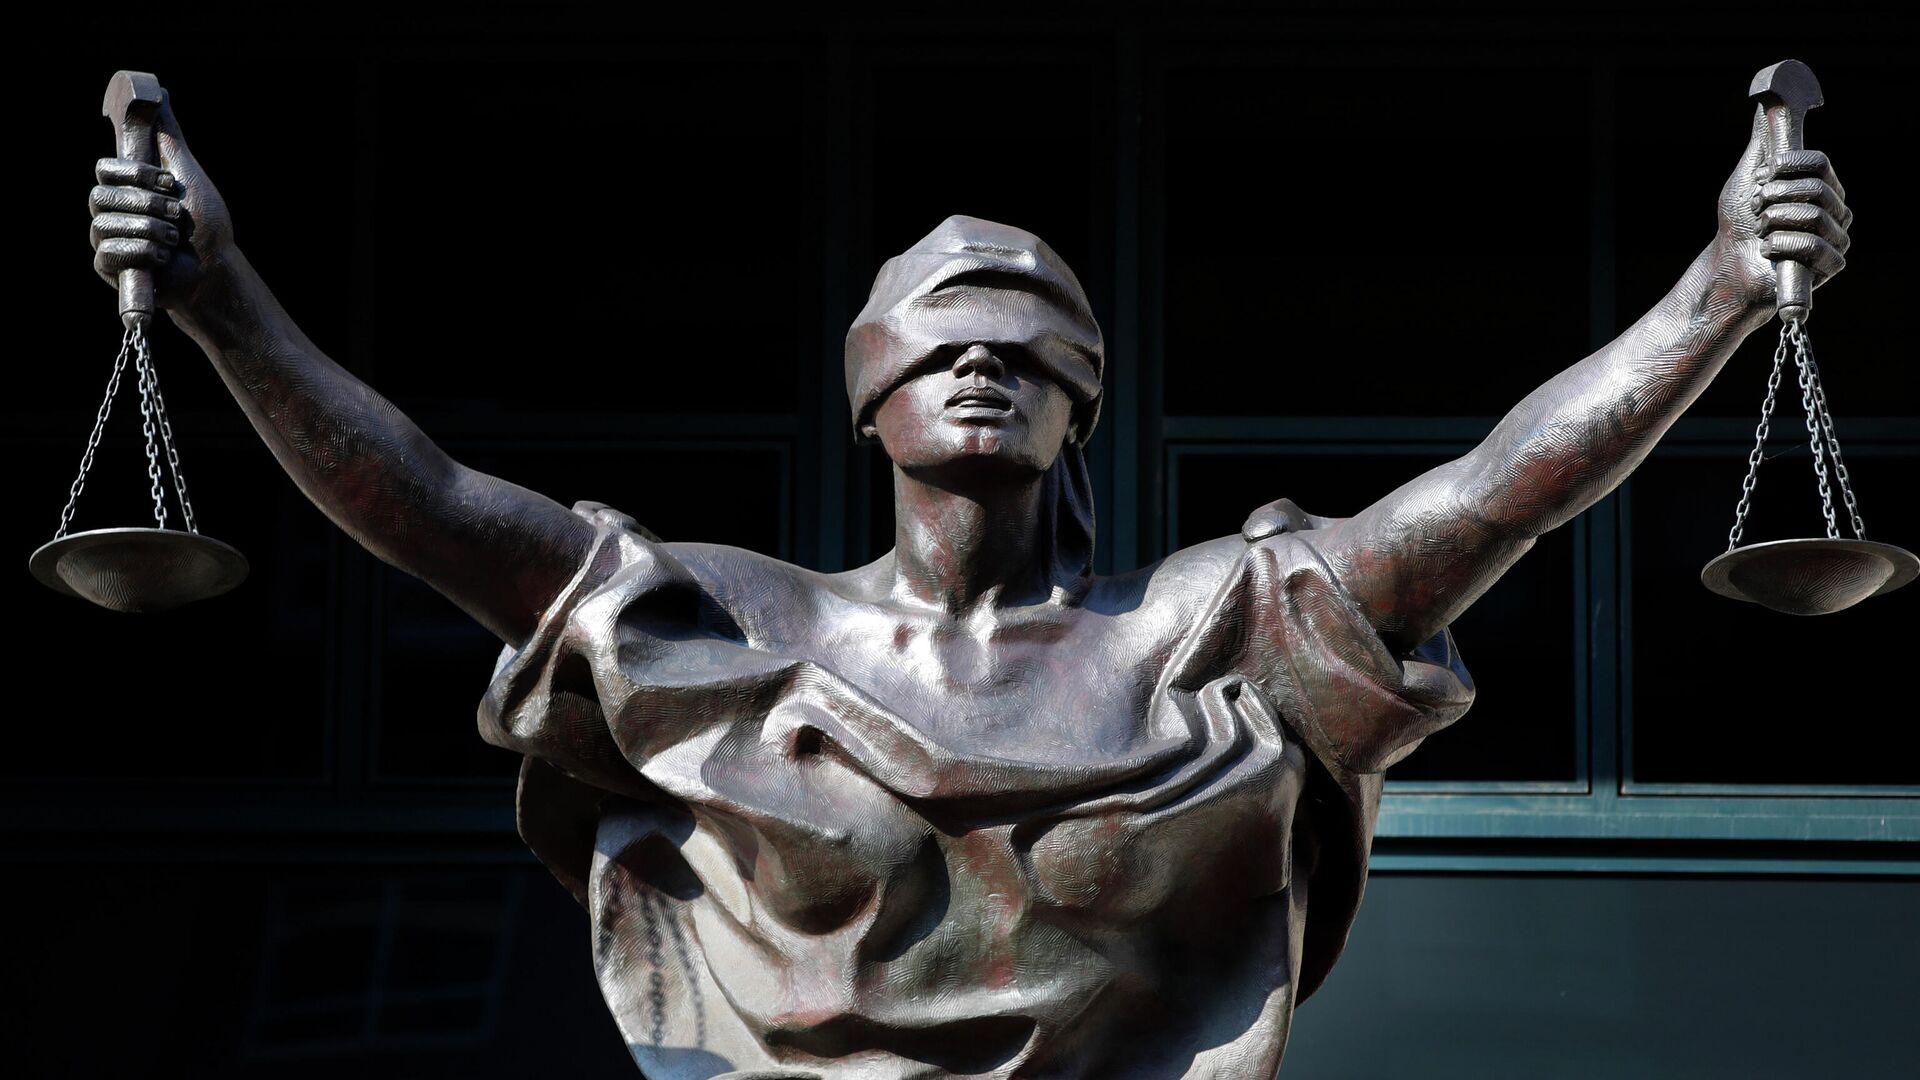 Статуя Фемиды у здания федерального суда в городе Александрия, штат Вирджиния, США - РИА Новости, 1920, 02.07.2021